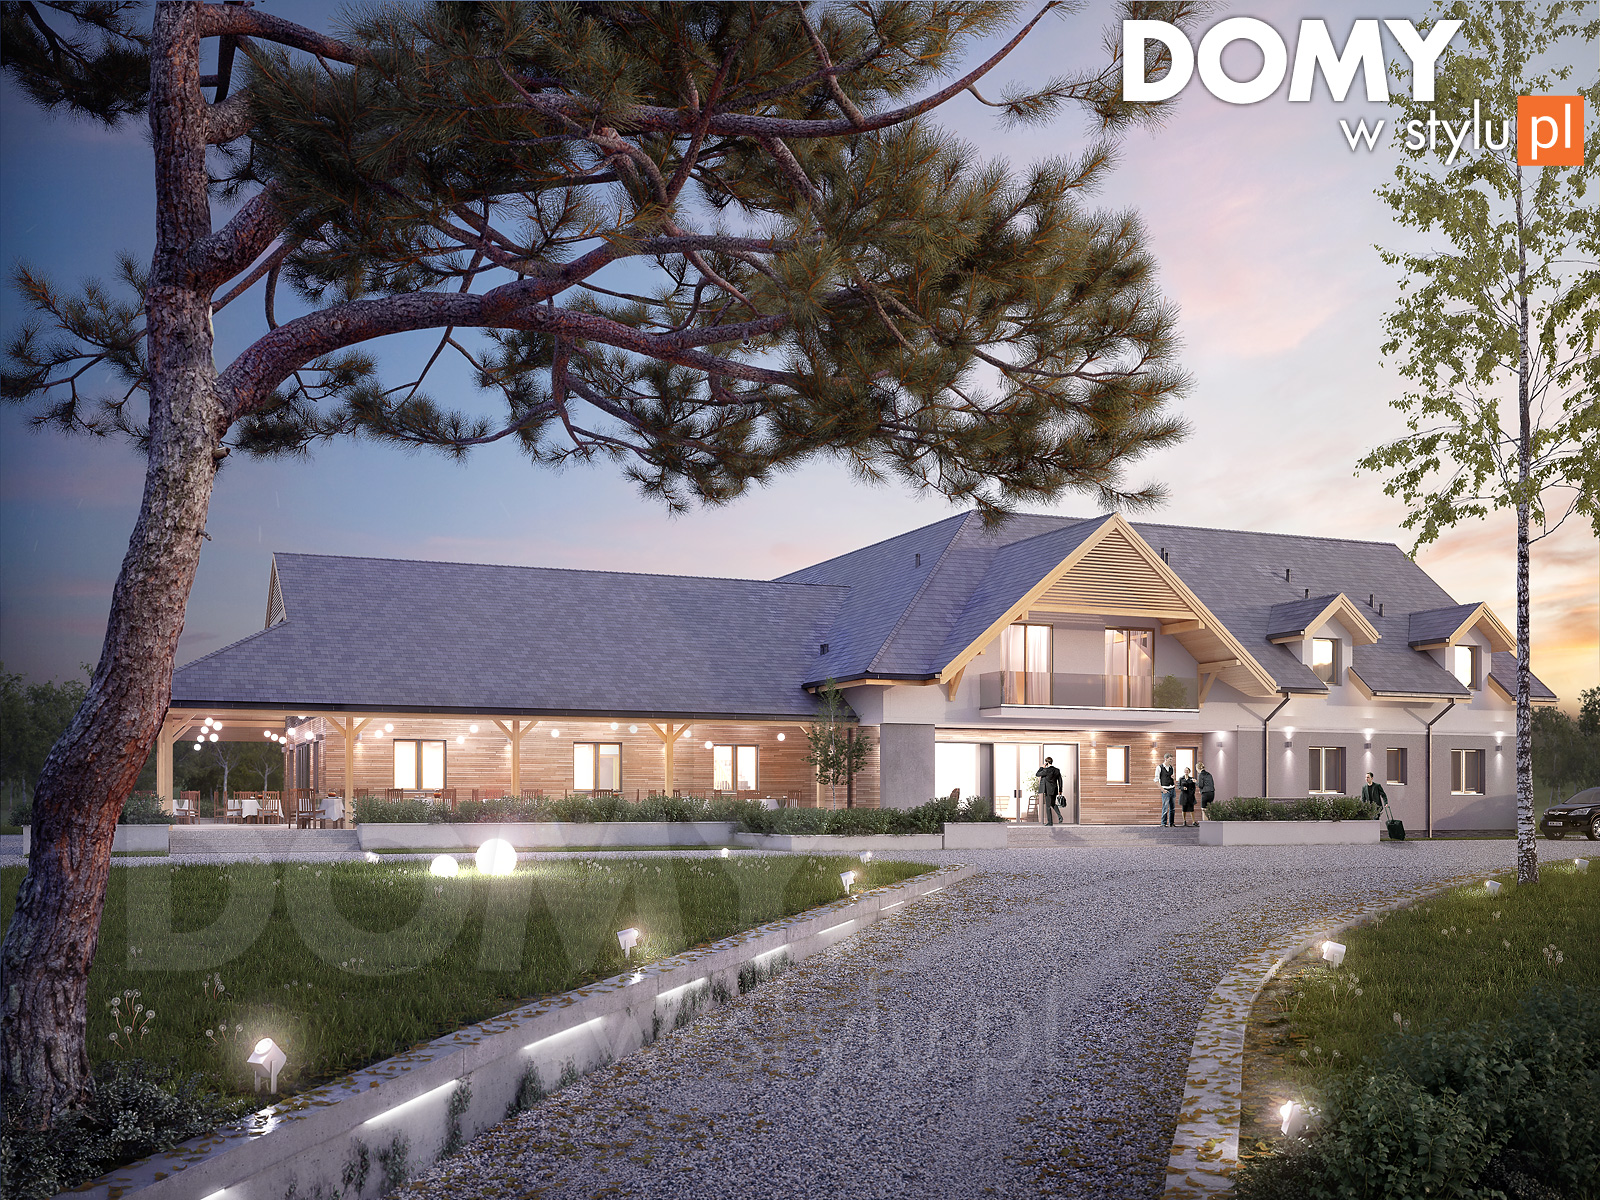 Projekty domów - jak wybrać najlepszy dla siebie?